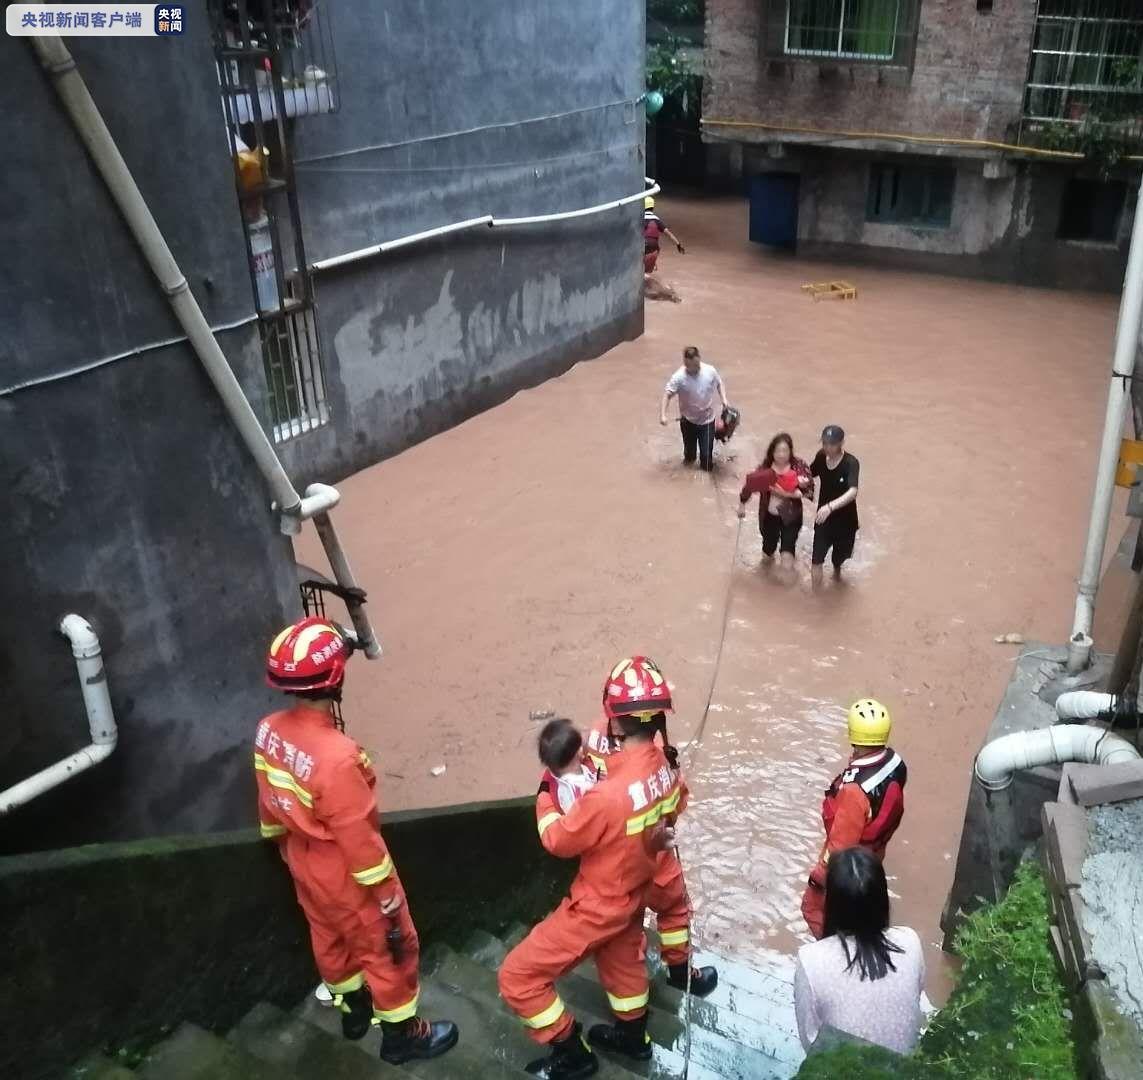 重庆石柱:强降雨致40多名群众被困 消防紧急救援图片